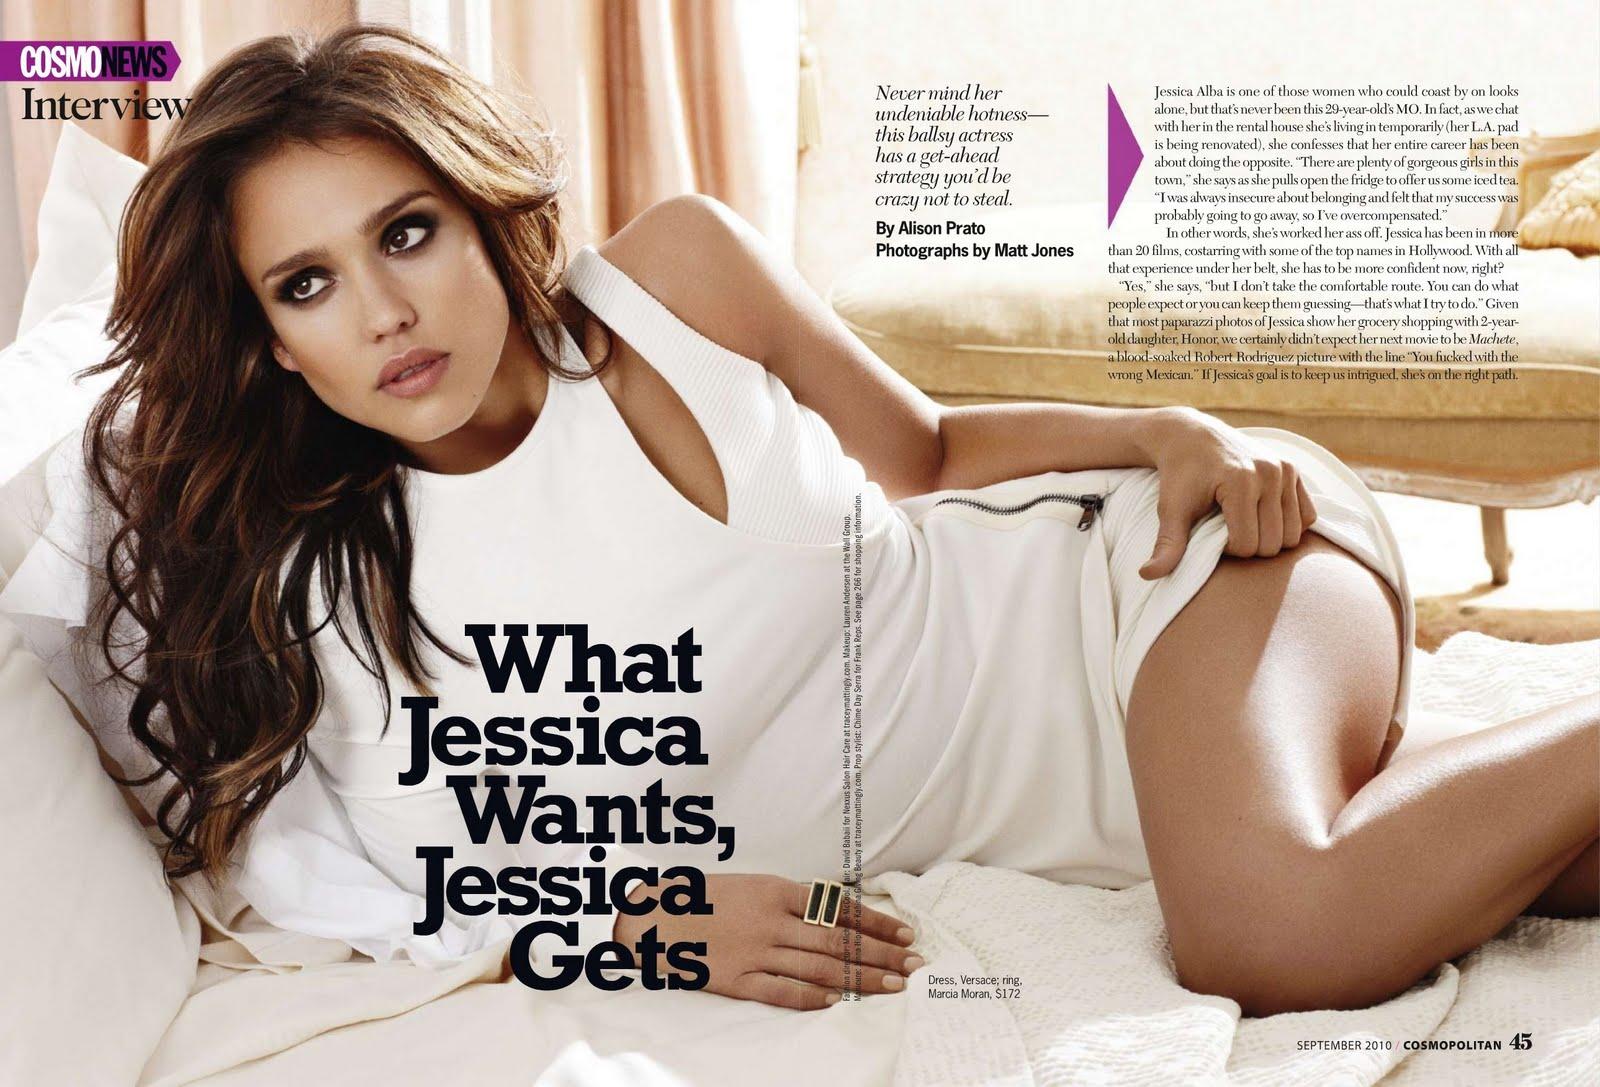 http://4.bp.blogspot.com/_8oDQ4L3GuN8/TG4pg5sYKtI/AAAAAAAAD5A/14UzHC89kKk/s1600/jessica-alba-cosmopolitan-magazine-scans-september-2010.jpg